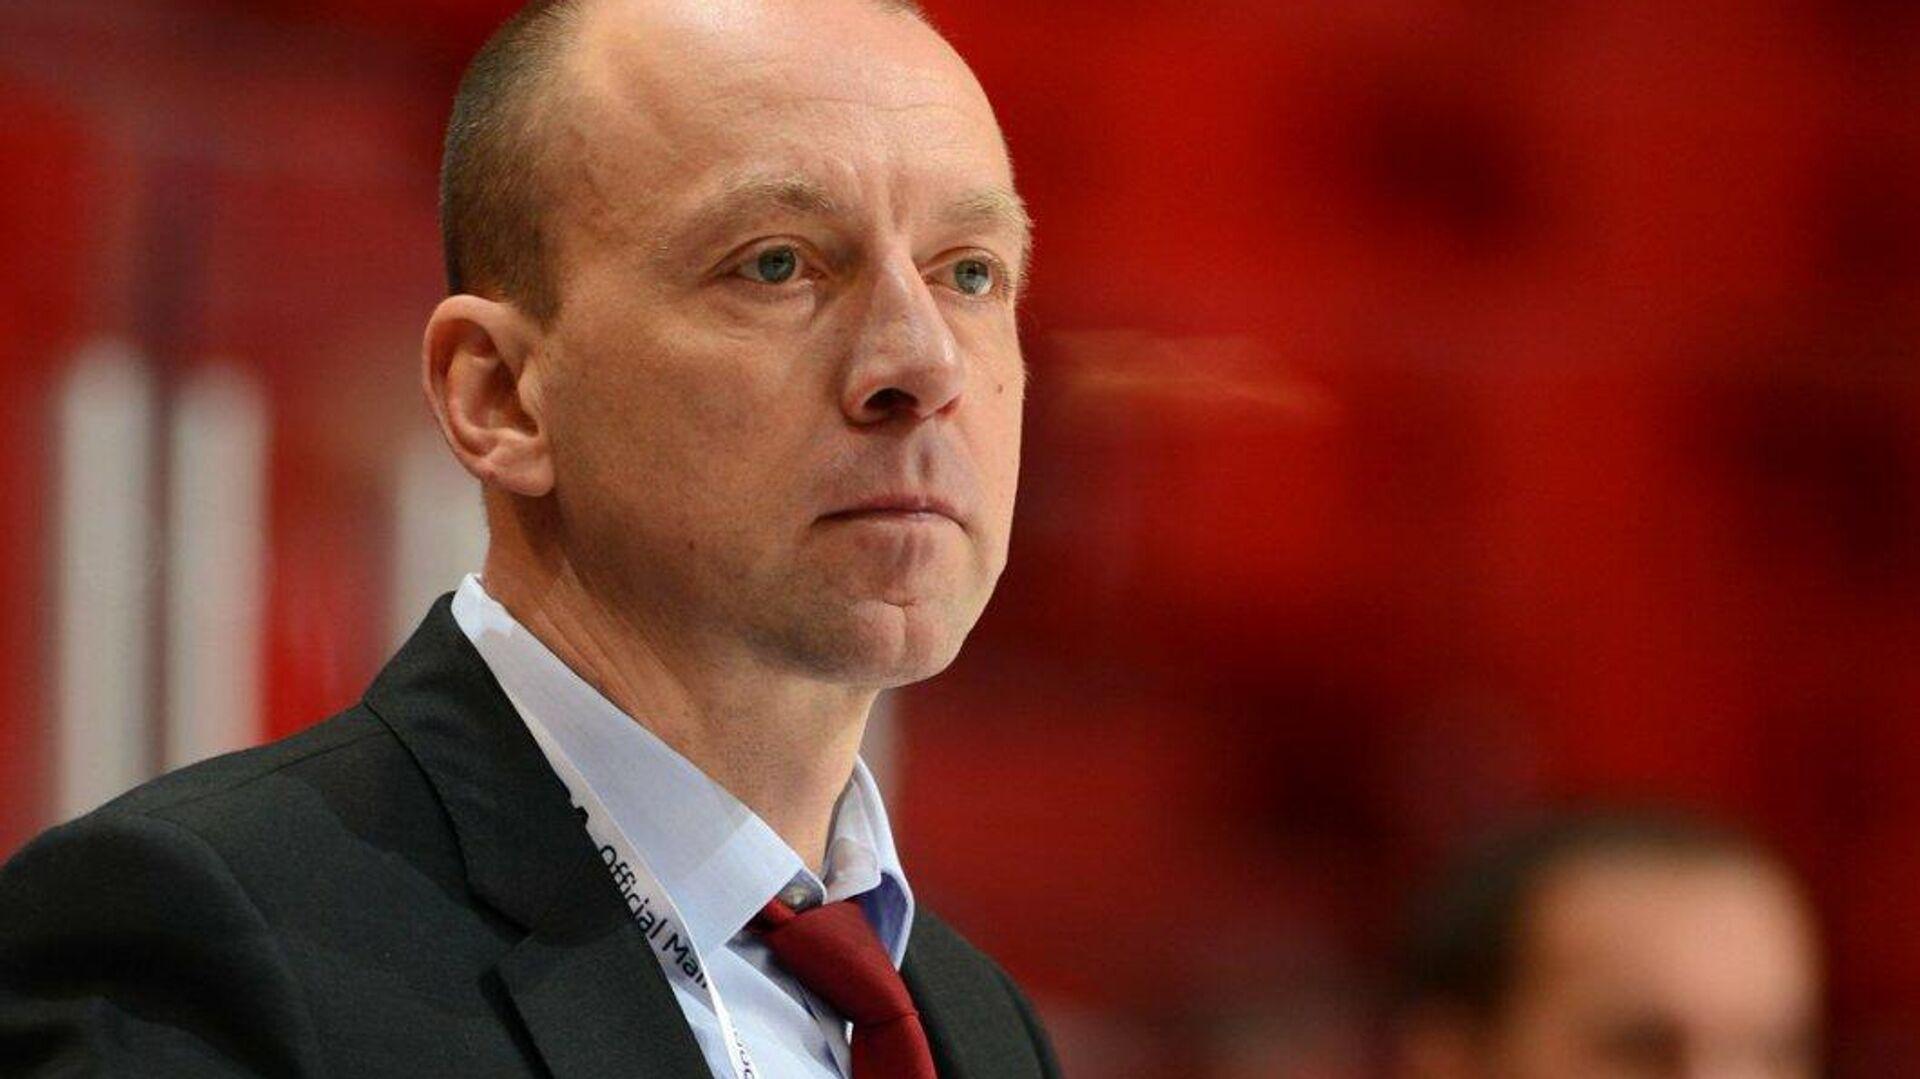 Главный тренер хоккейного клуба Локомотив Андрей Скабелка - РИА Новости, 1920, 26.02.2021